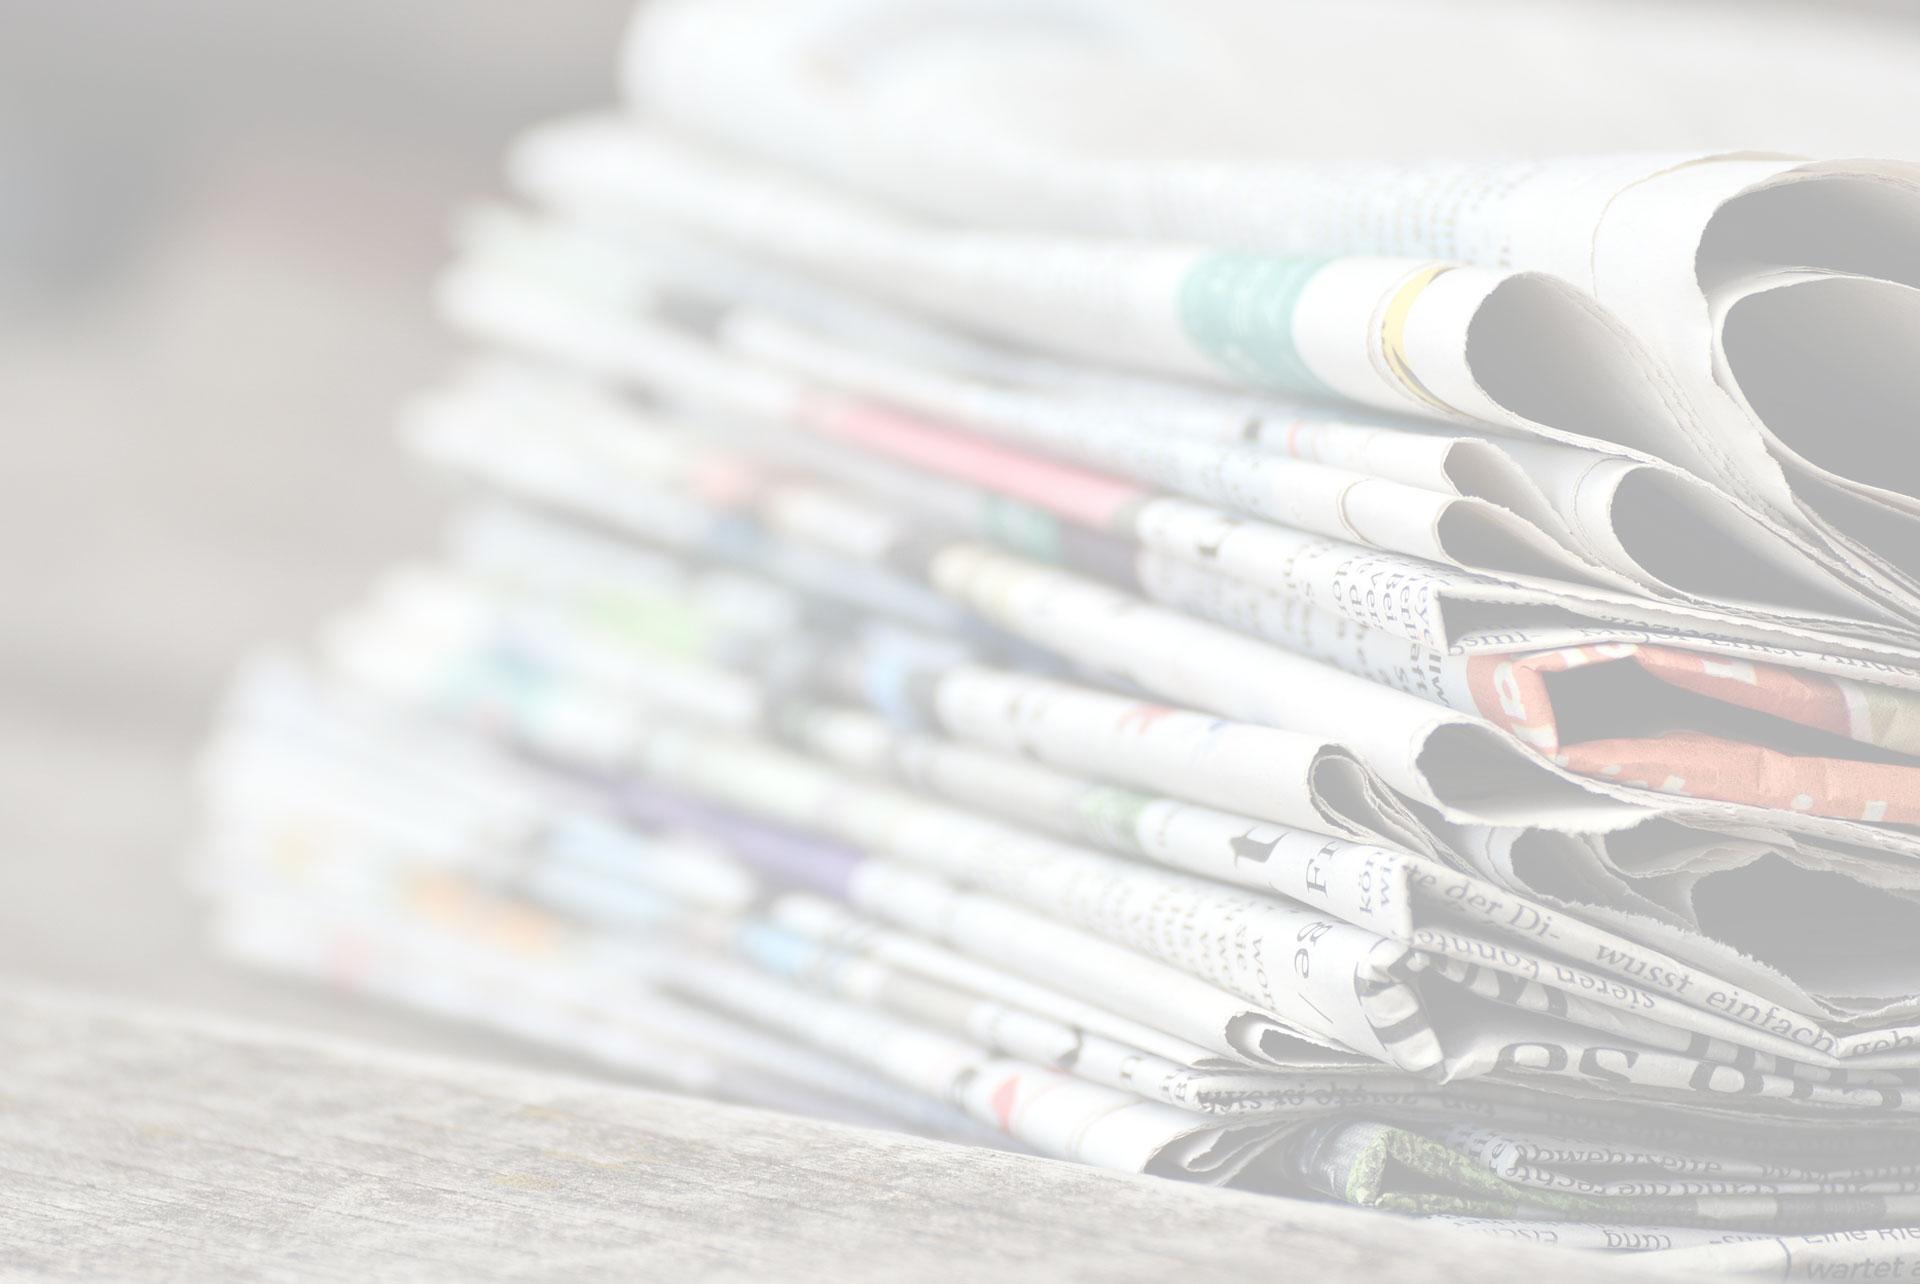 Milan, 1995/96